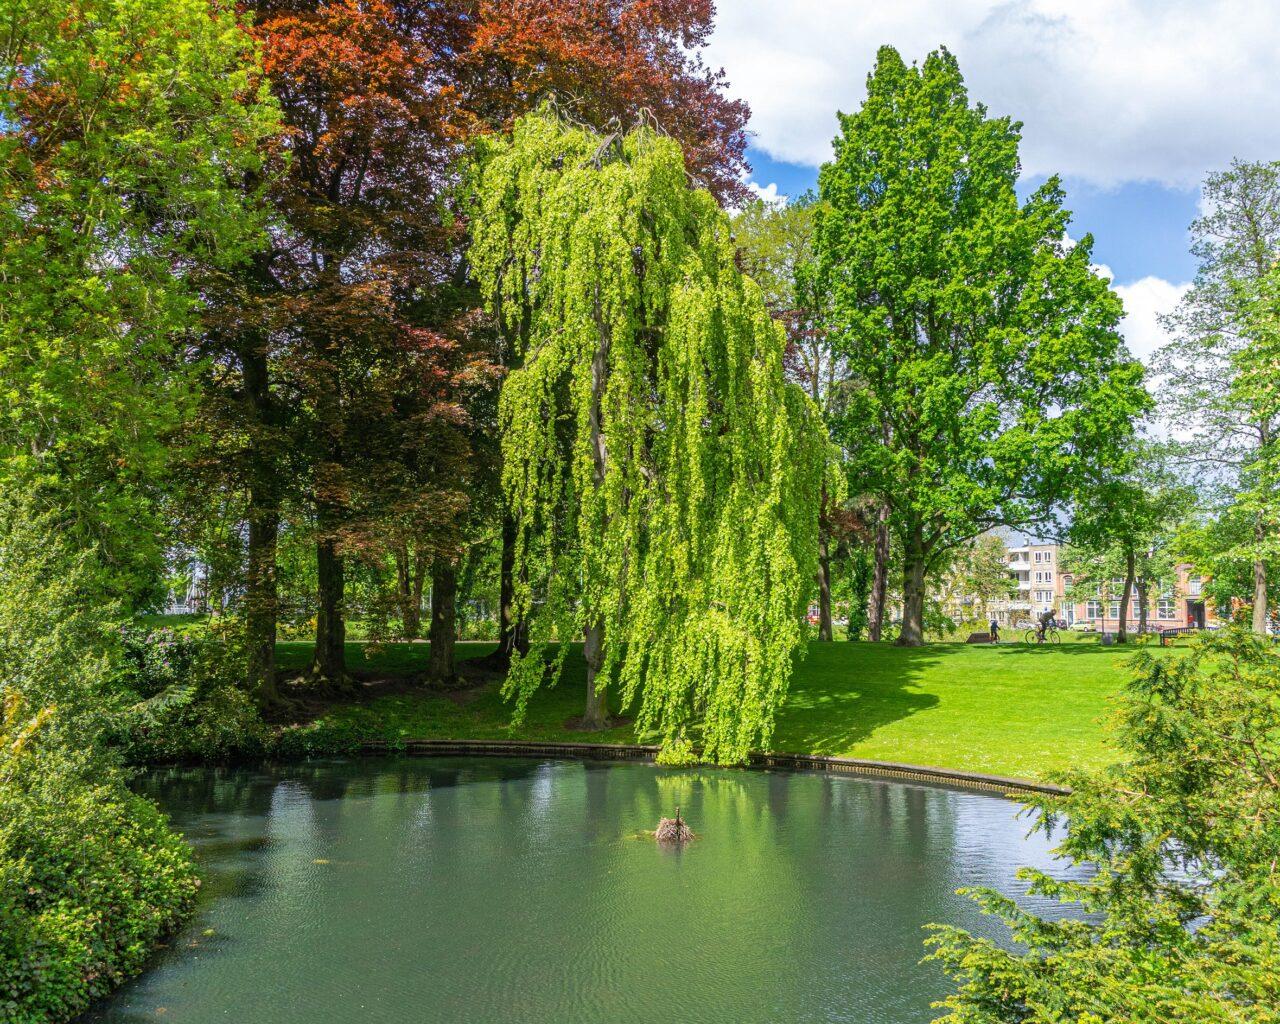 Vijver-in-park-Valkenberg-Breda